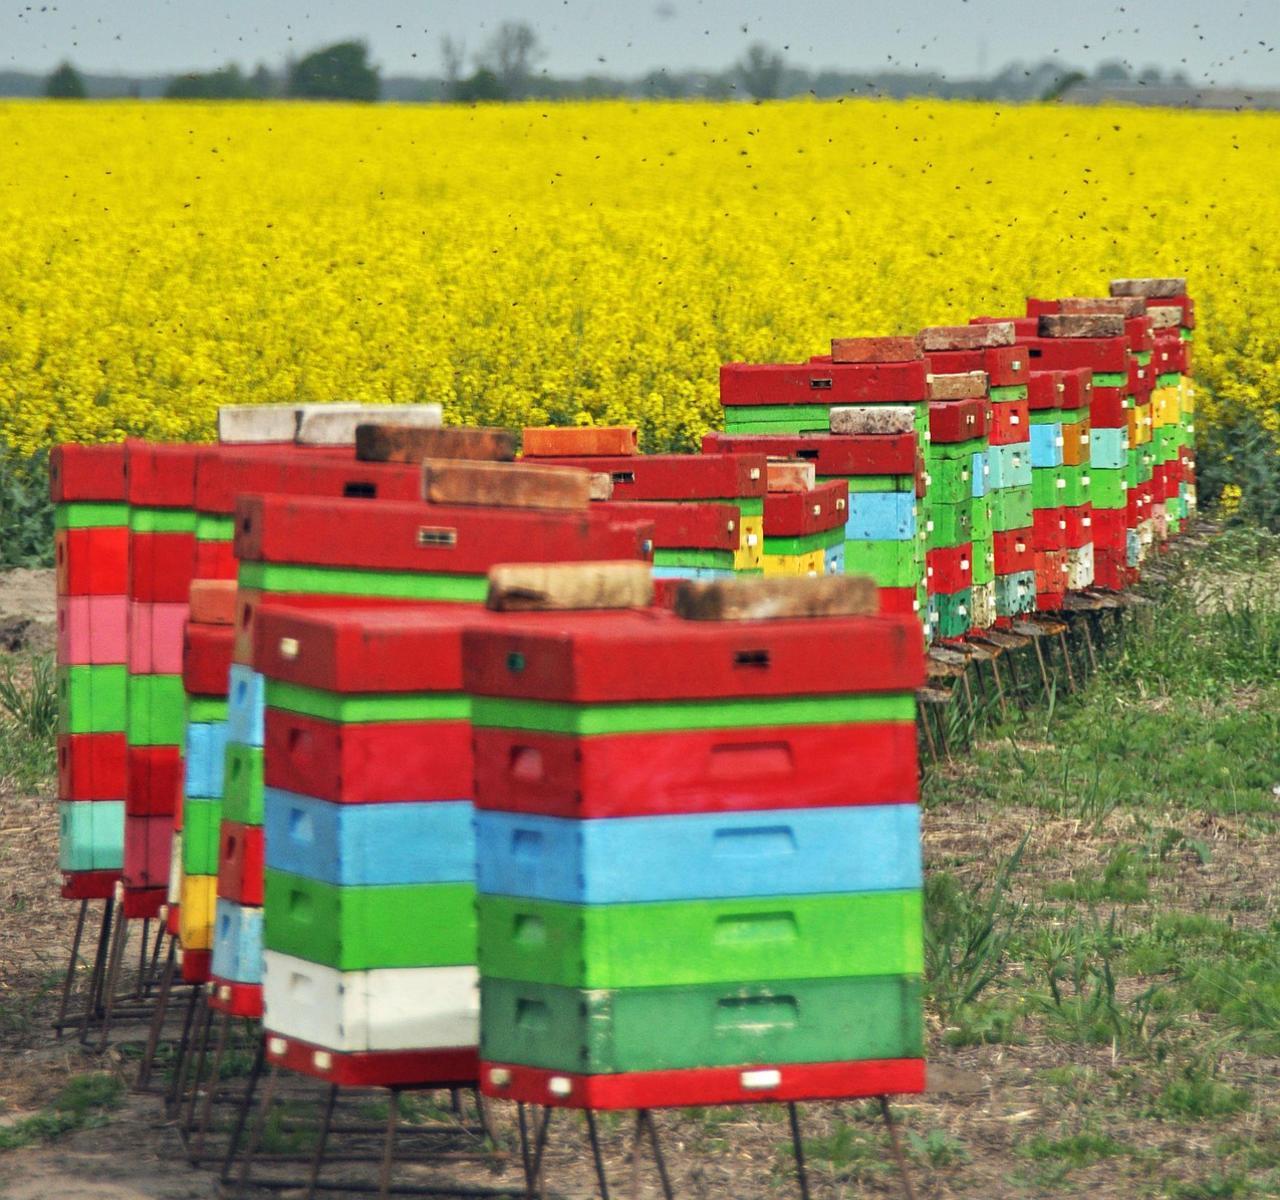 Bienenstöcke im Rhein Main Gebiet bei Neu-Isenburg